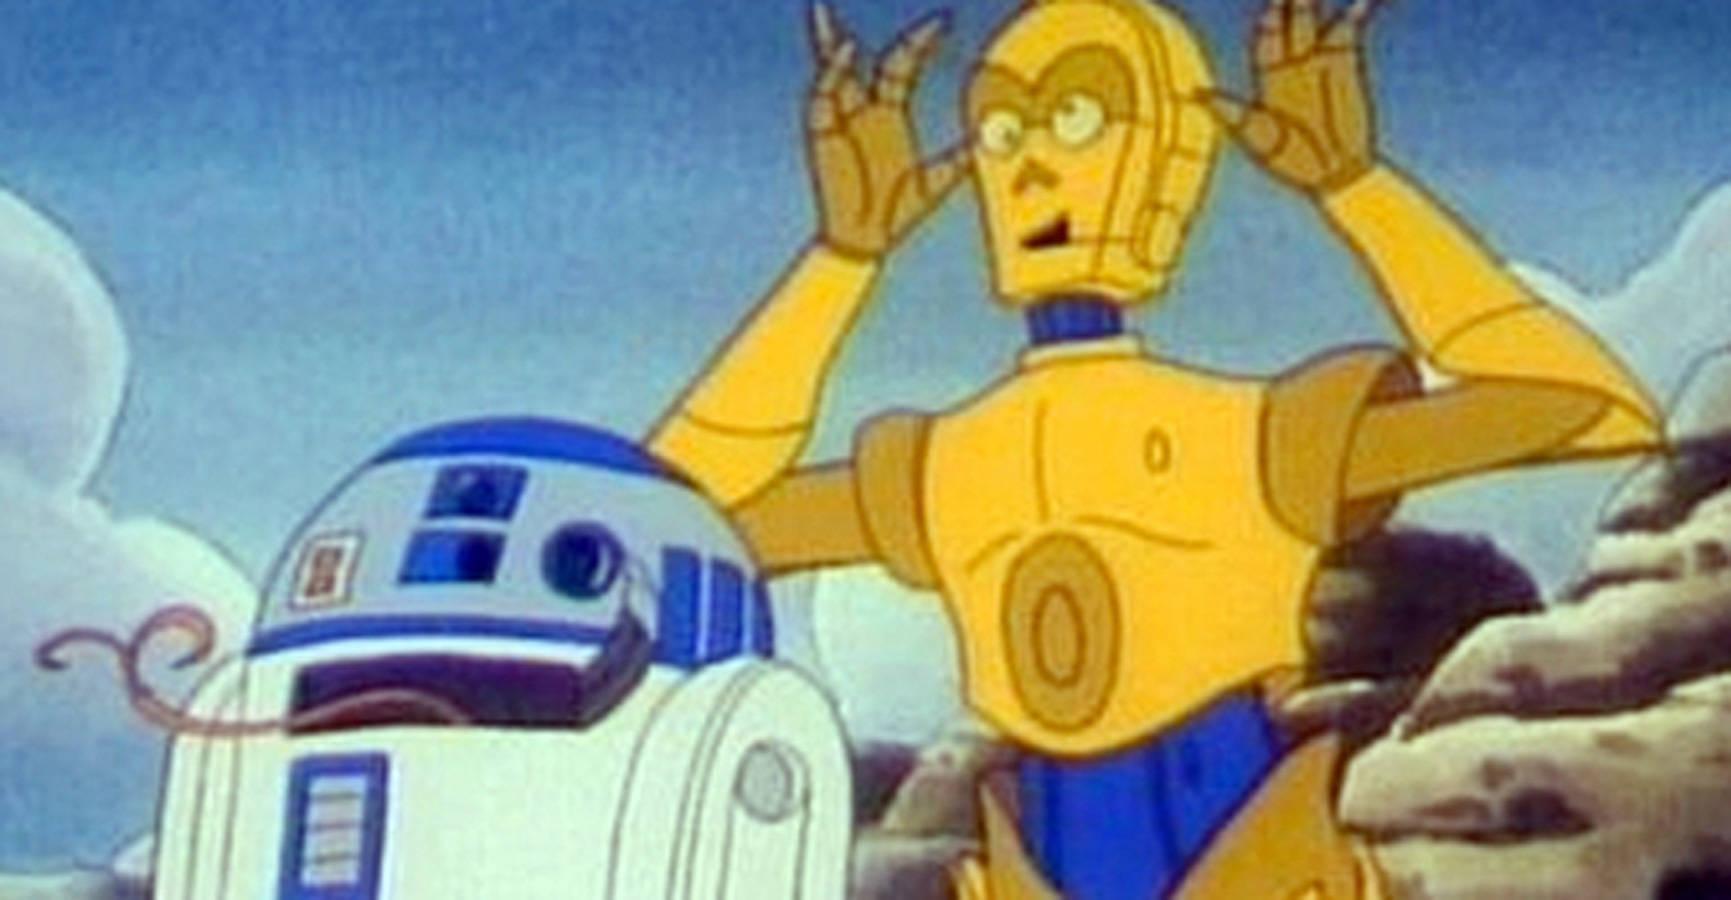 droids 2